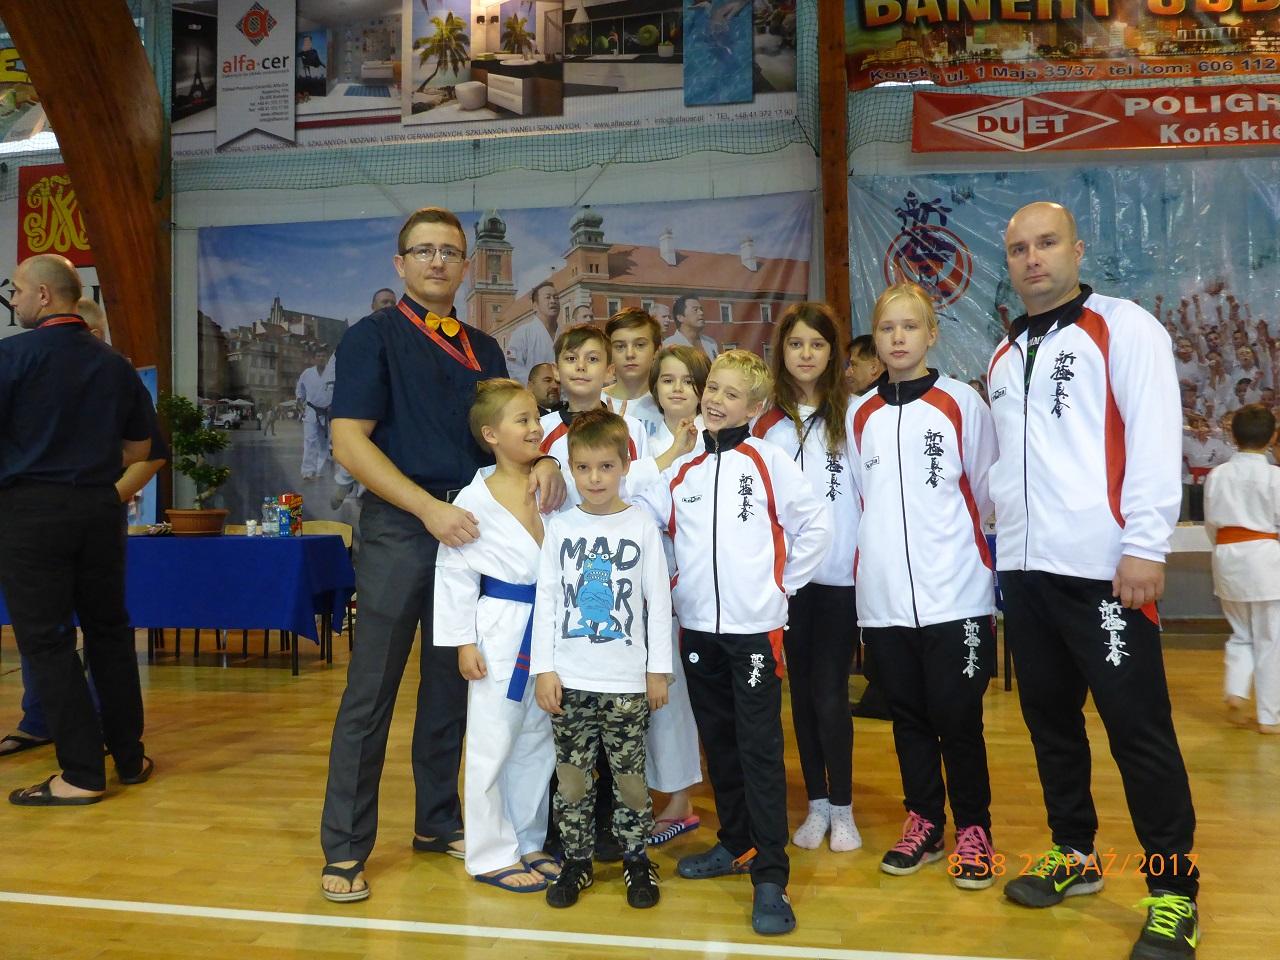 Turniej o Puchar z Żeliwa 2017 – kolejny sukces naszych młodych zawodników.